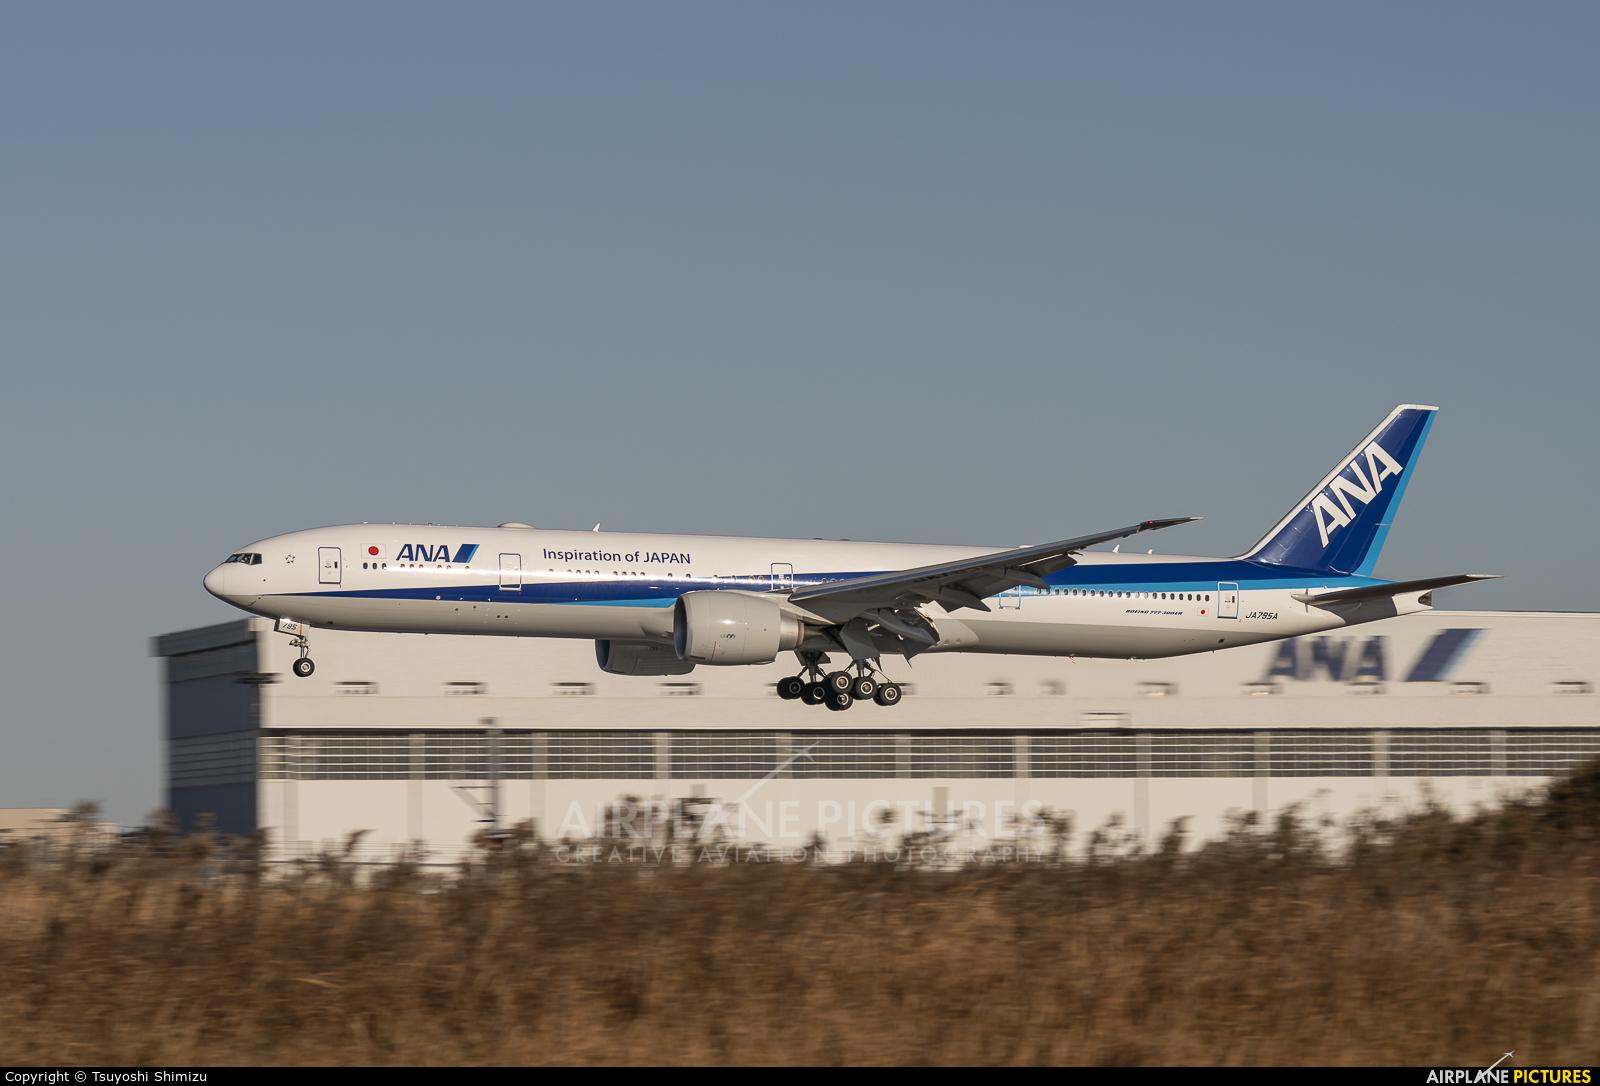 ANA - All Nippon Airways JA795A aircraft at Tokyo - Narita Intl